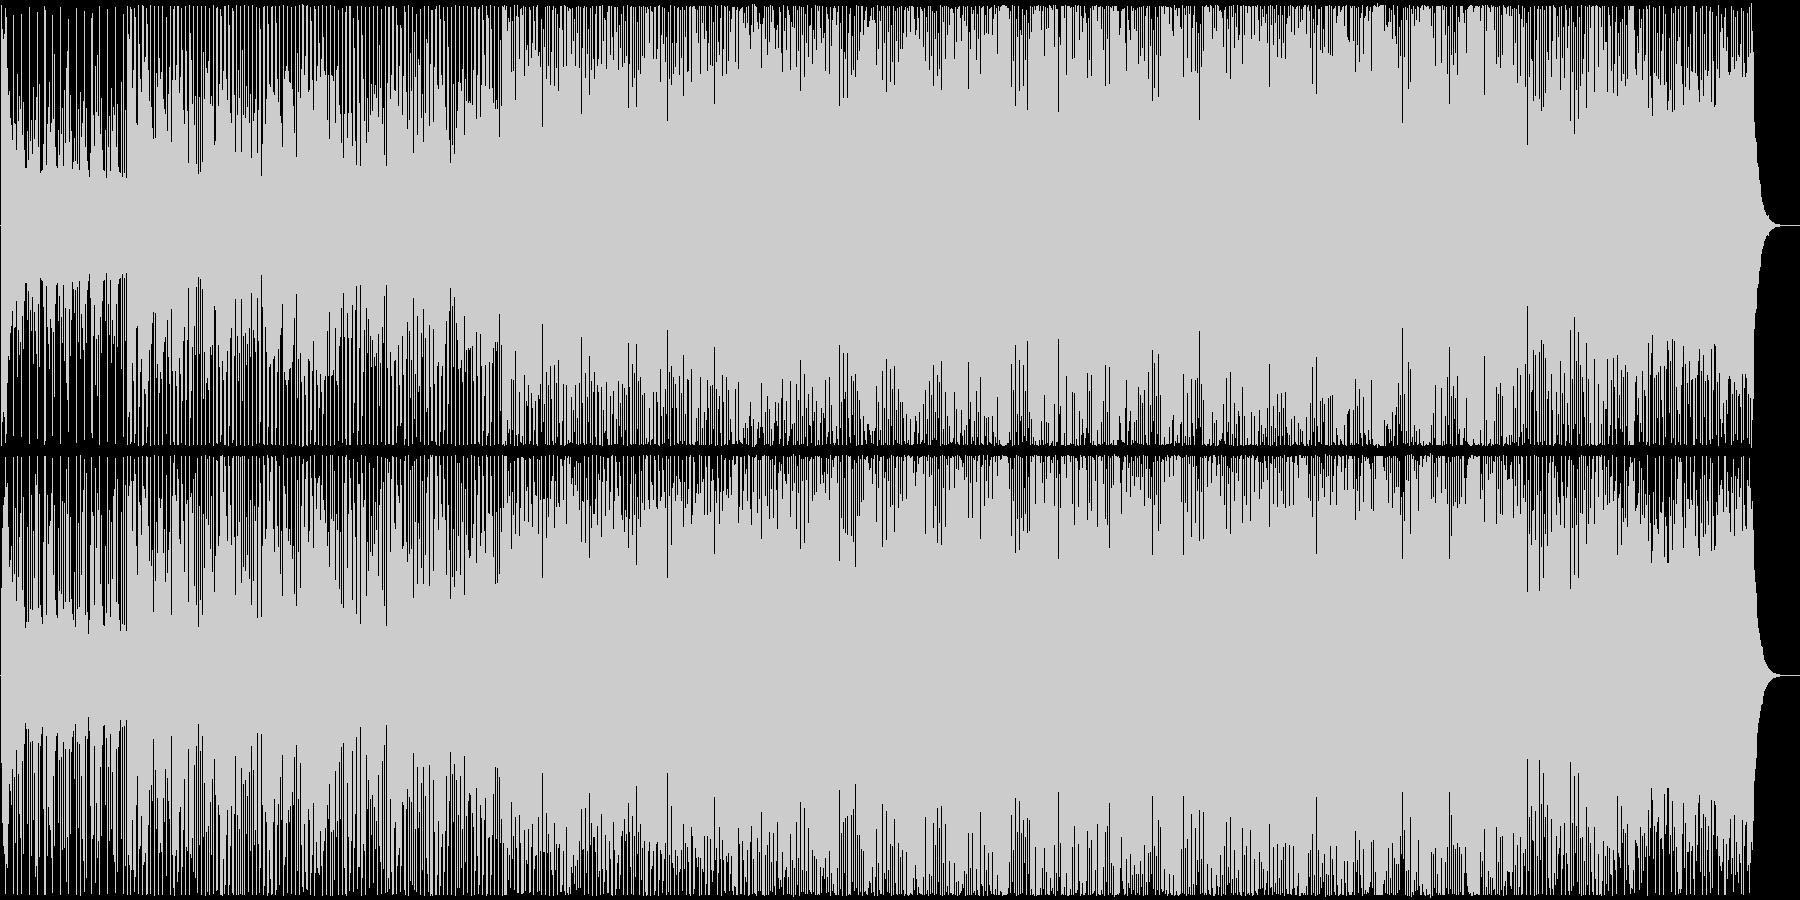 ゆったりテンポトのロピカルハウス Vo有の未再生の波形